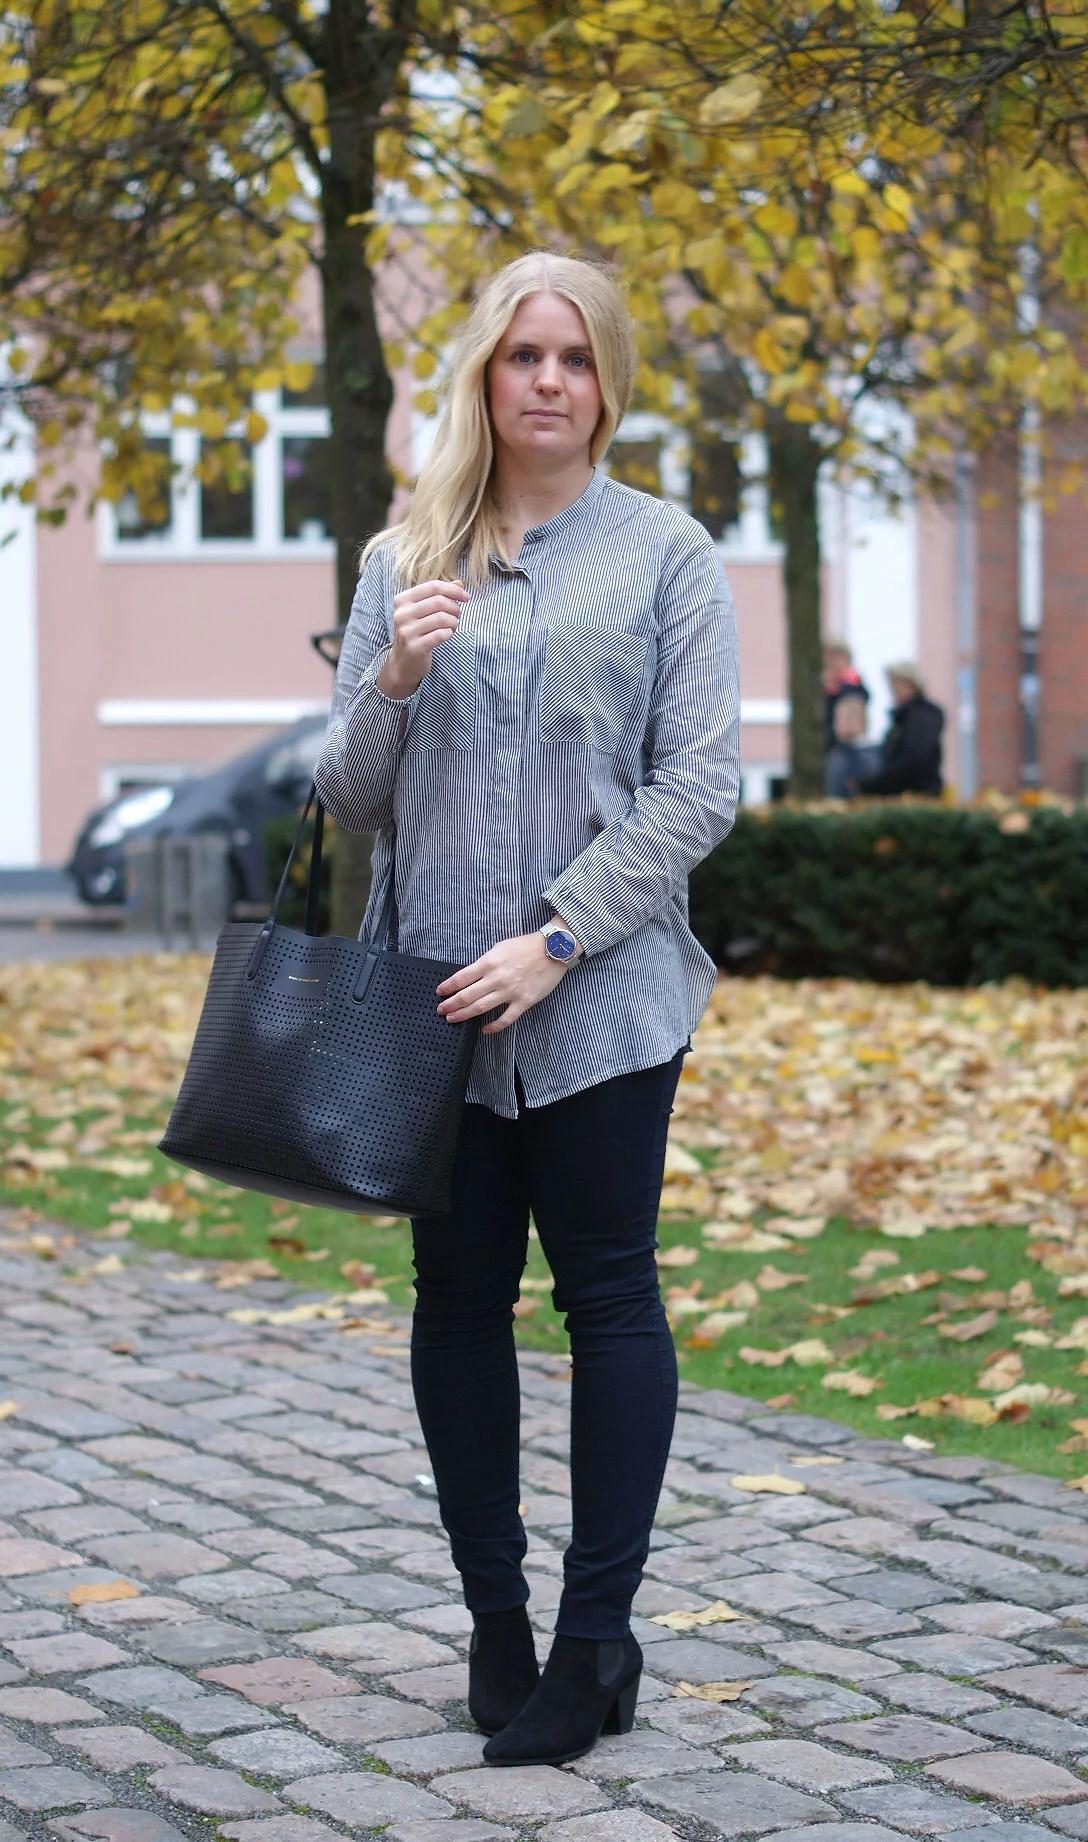 Modeblogger, Modeblog, Dansk modeblog, Populær modeblogger, Skagen Ur, Skagen Holiday Kollektion, Baresso, Baresso chai latte, Efterår, Aalborg blog, Aalborg blogger